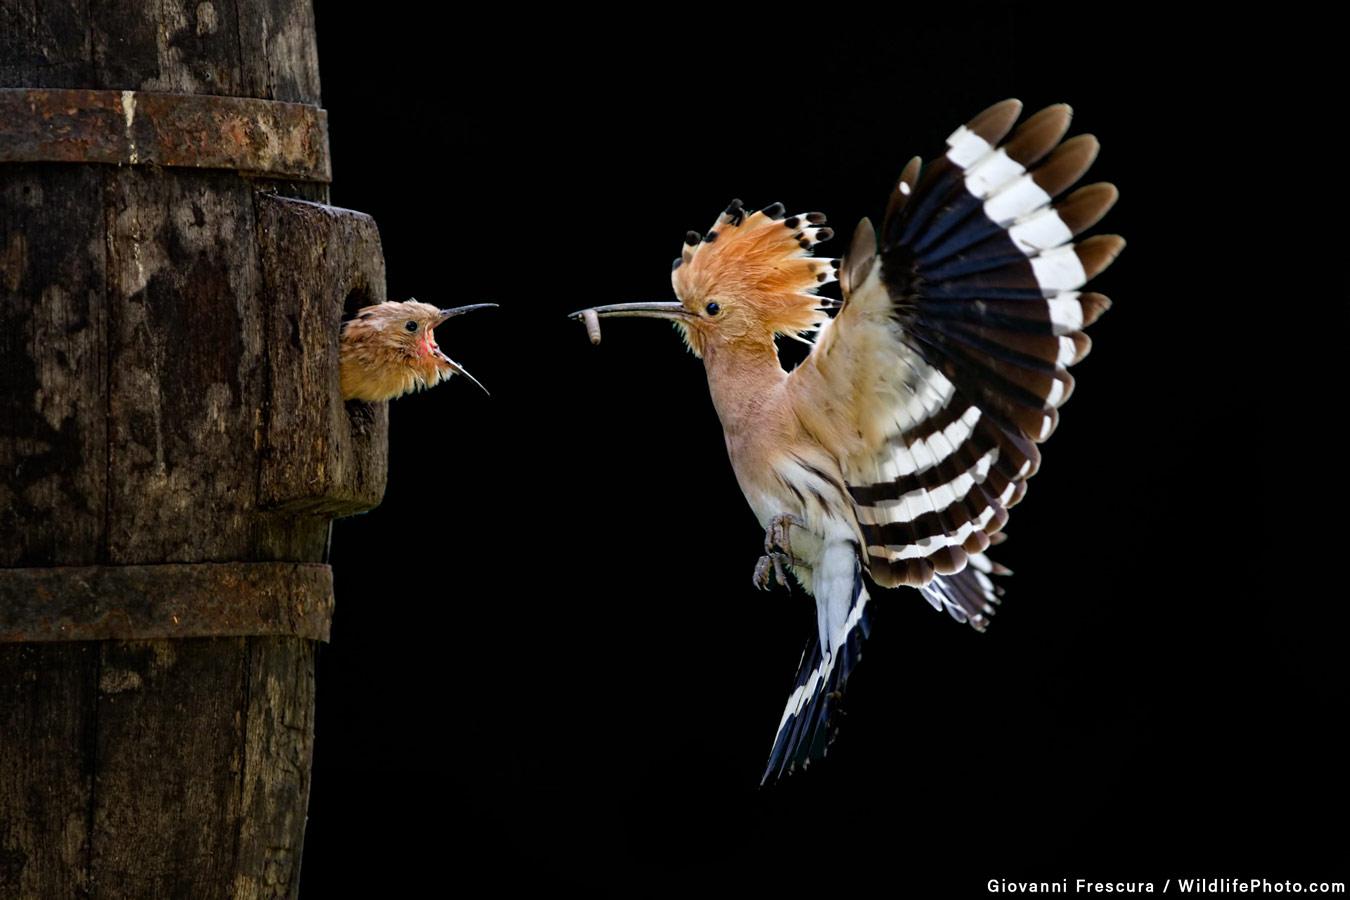 Кормление, © Джованни Фрескура, Высокая оценка, Фотоконкурс «Поведение животных»